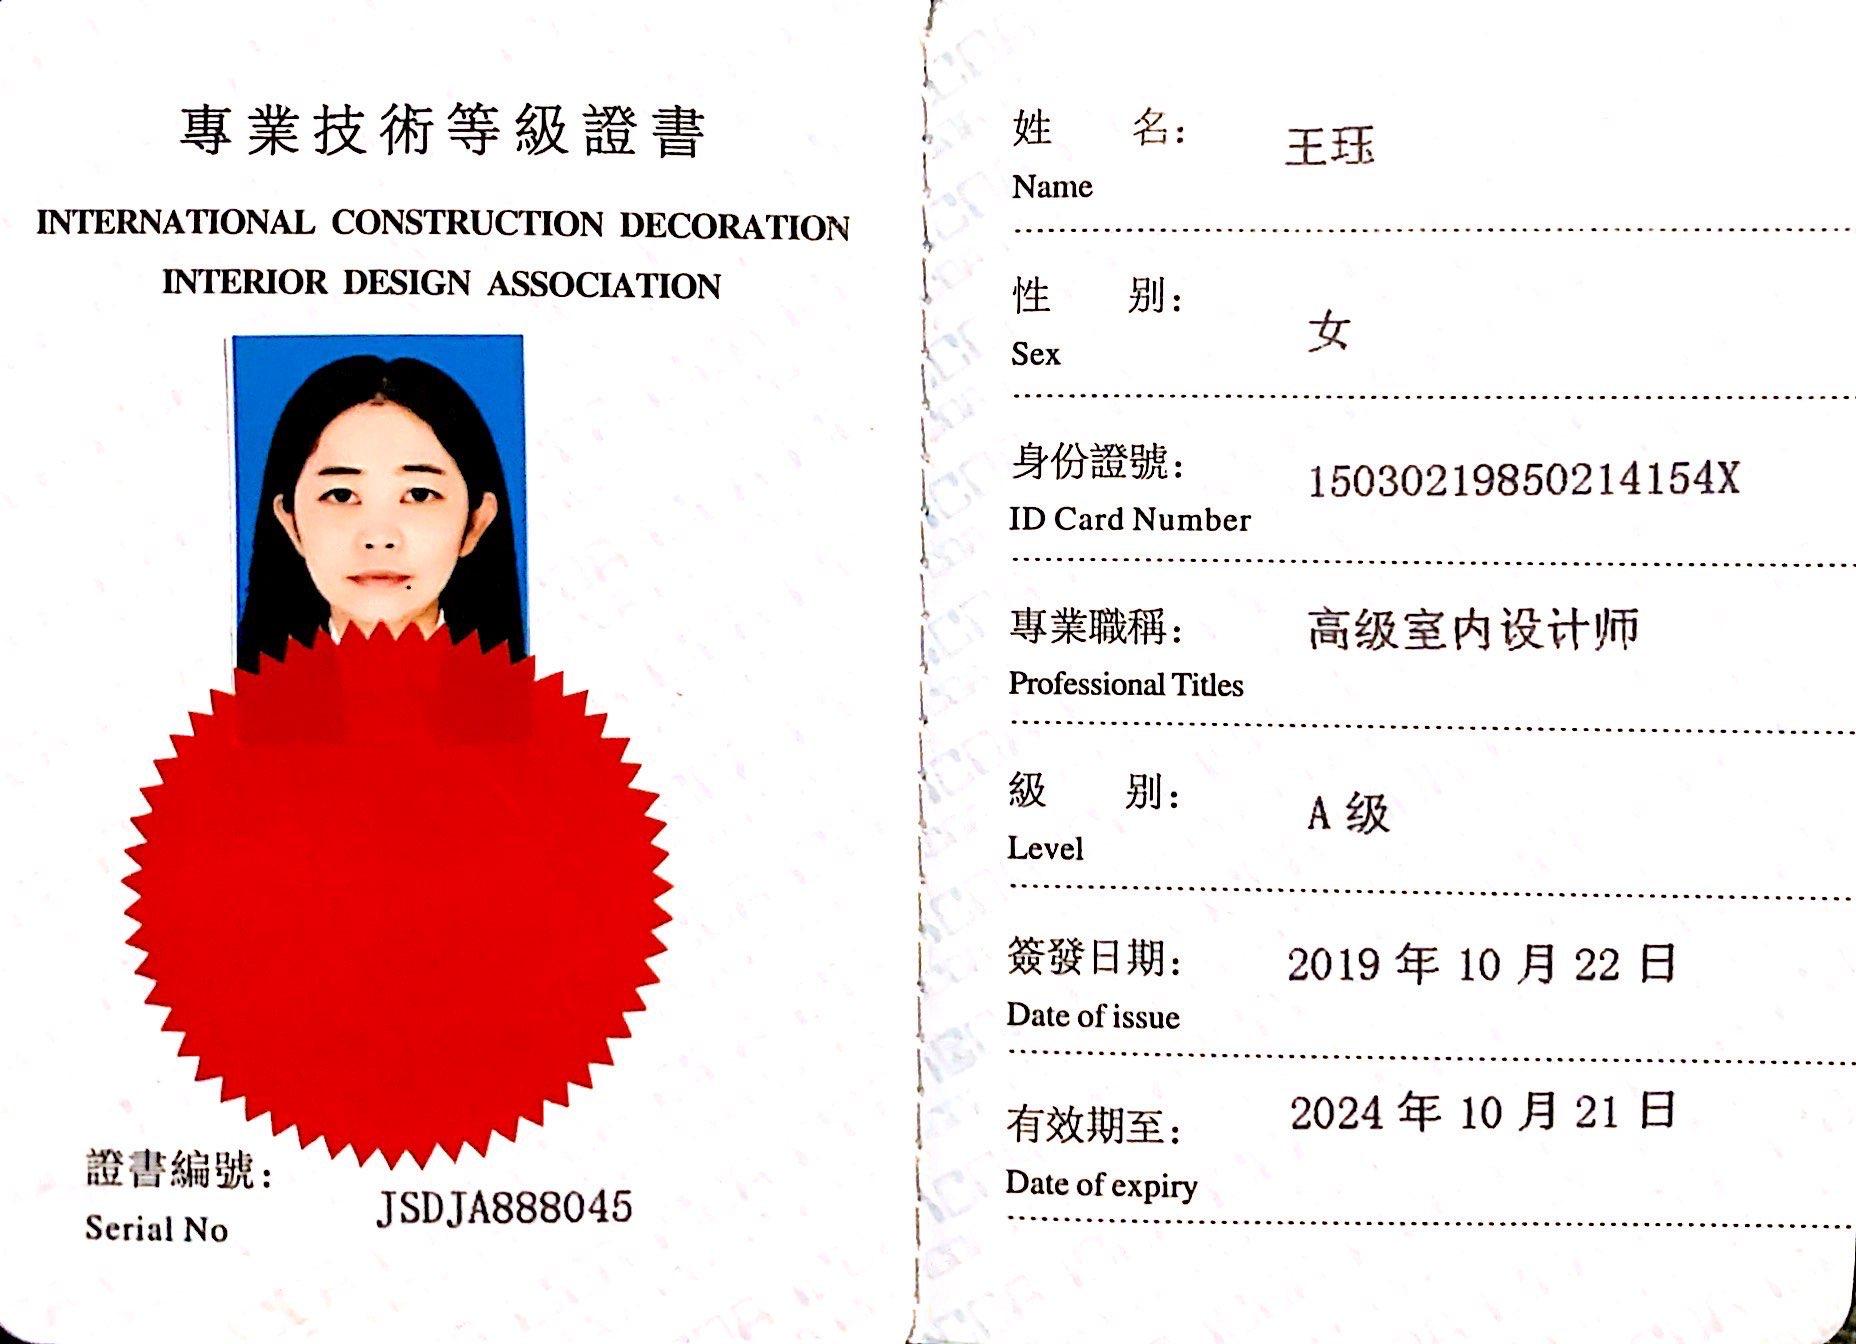 ICDA机构认证高级室内设计师